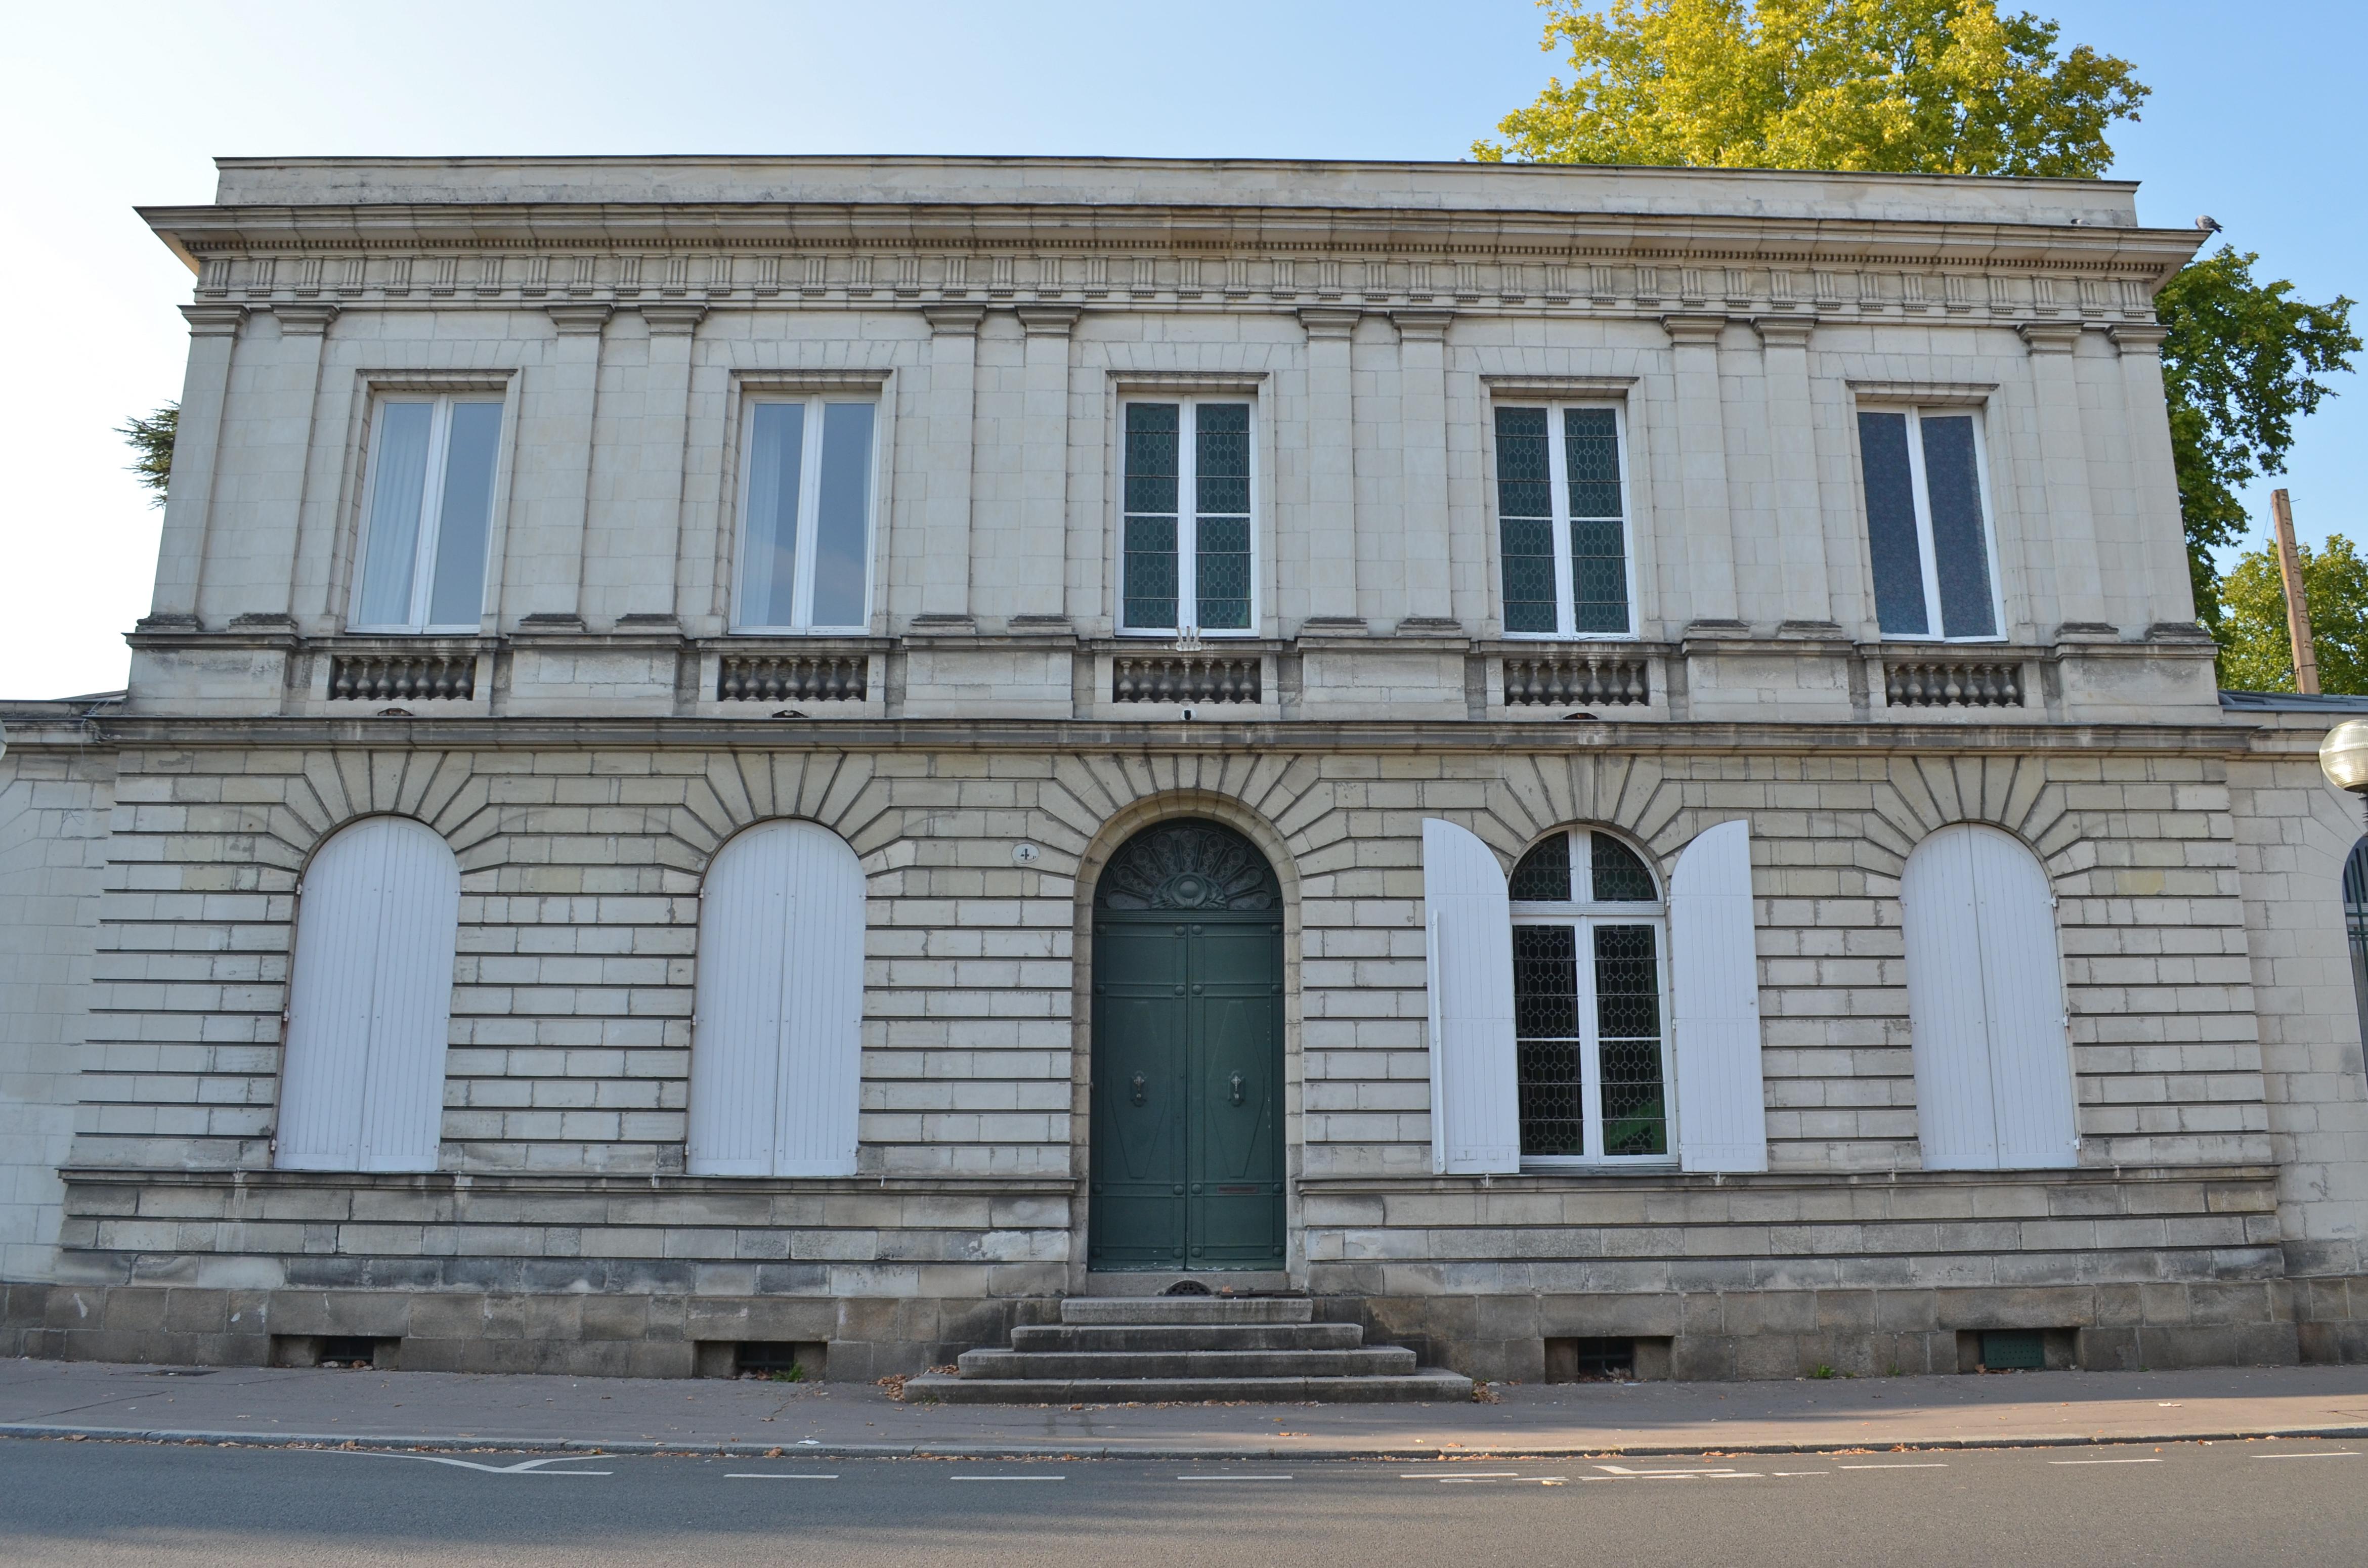 File:Hôtel particulier 4 place du Général-Mellinet - Nantes.jpg ...